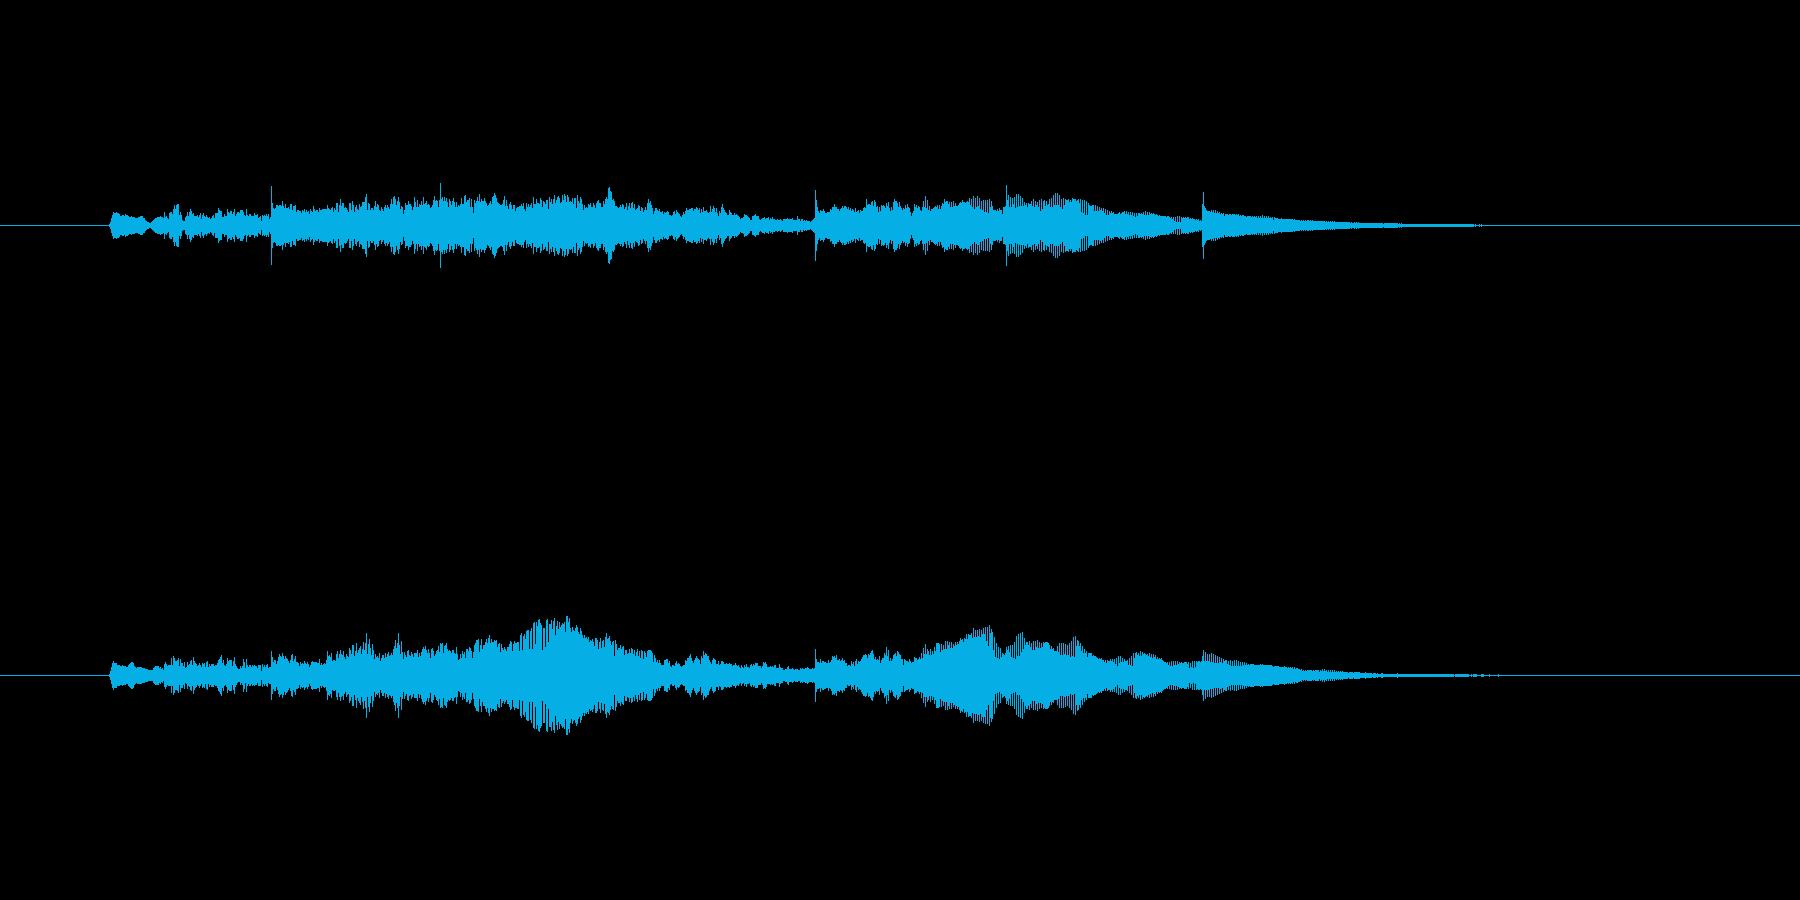 ジングル(やさしい感じ)の再生済みの波形